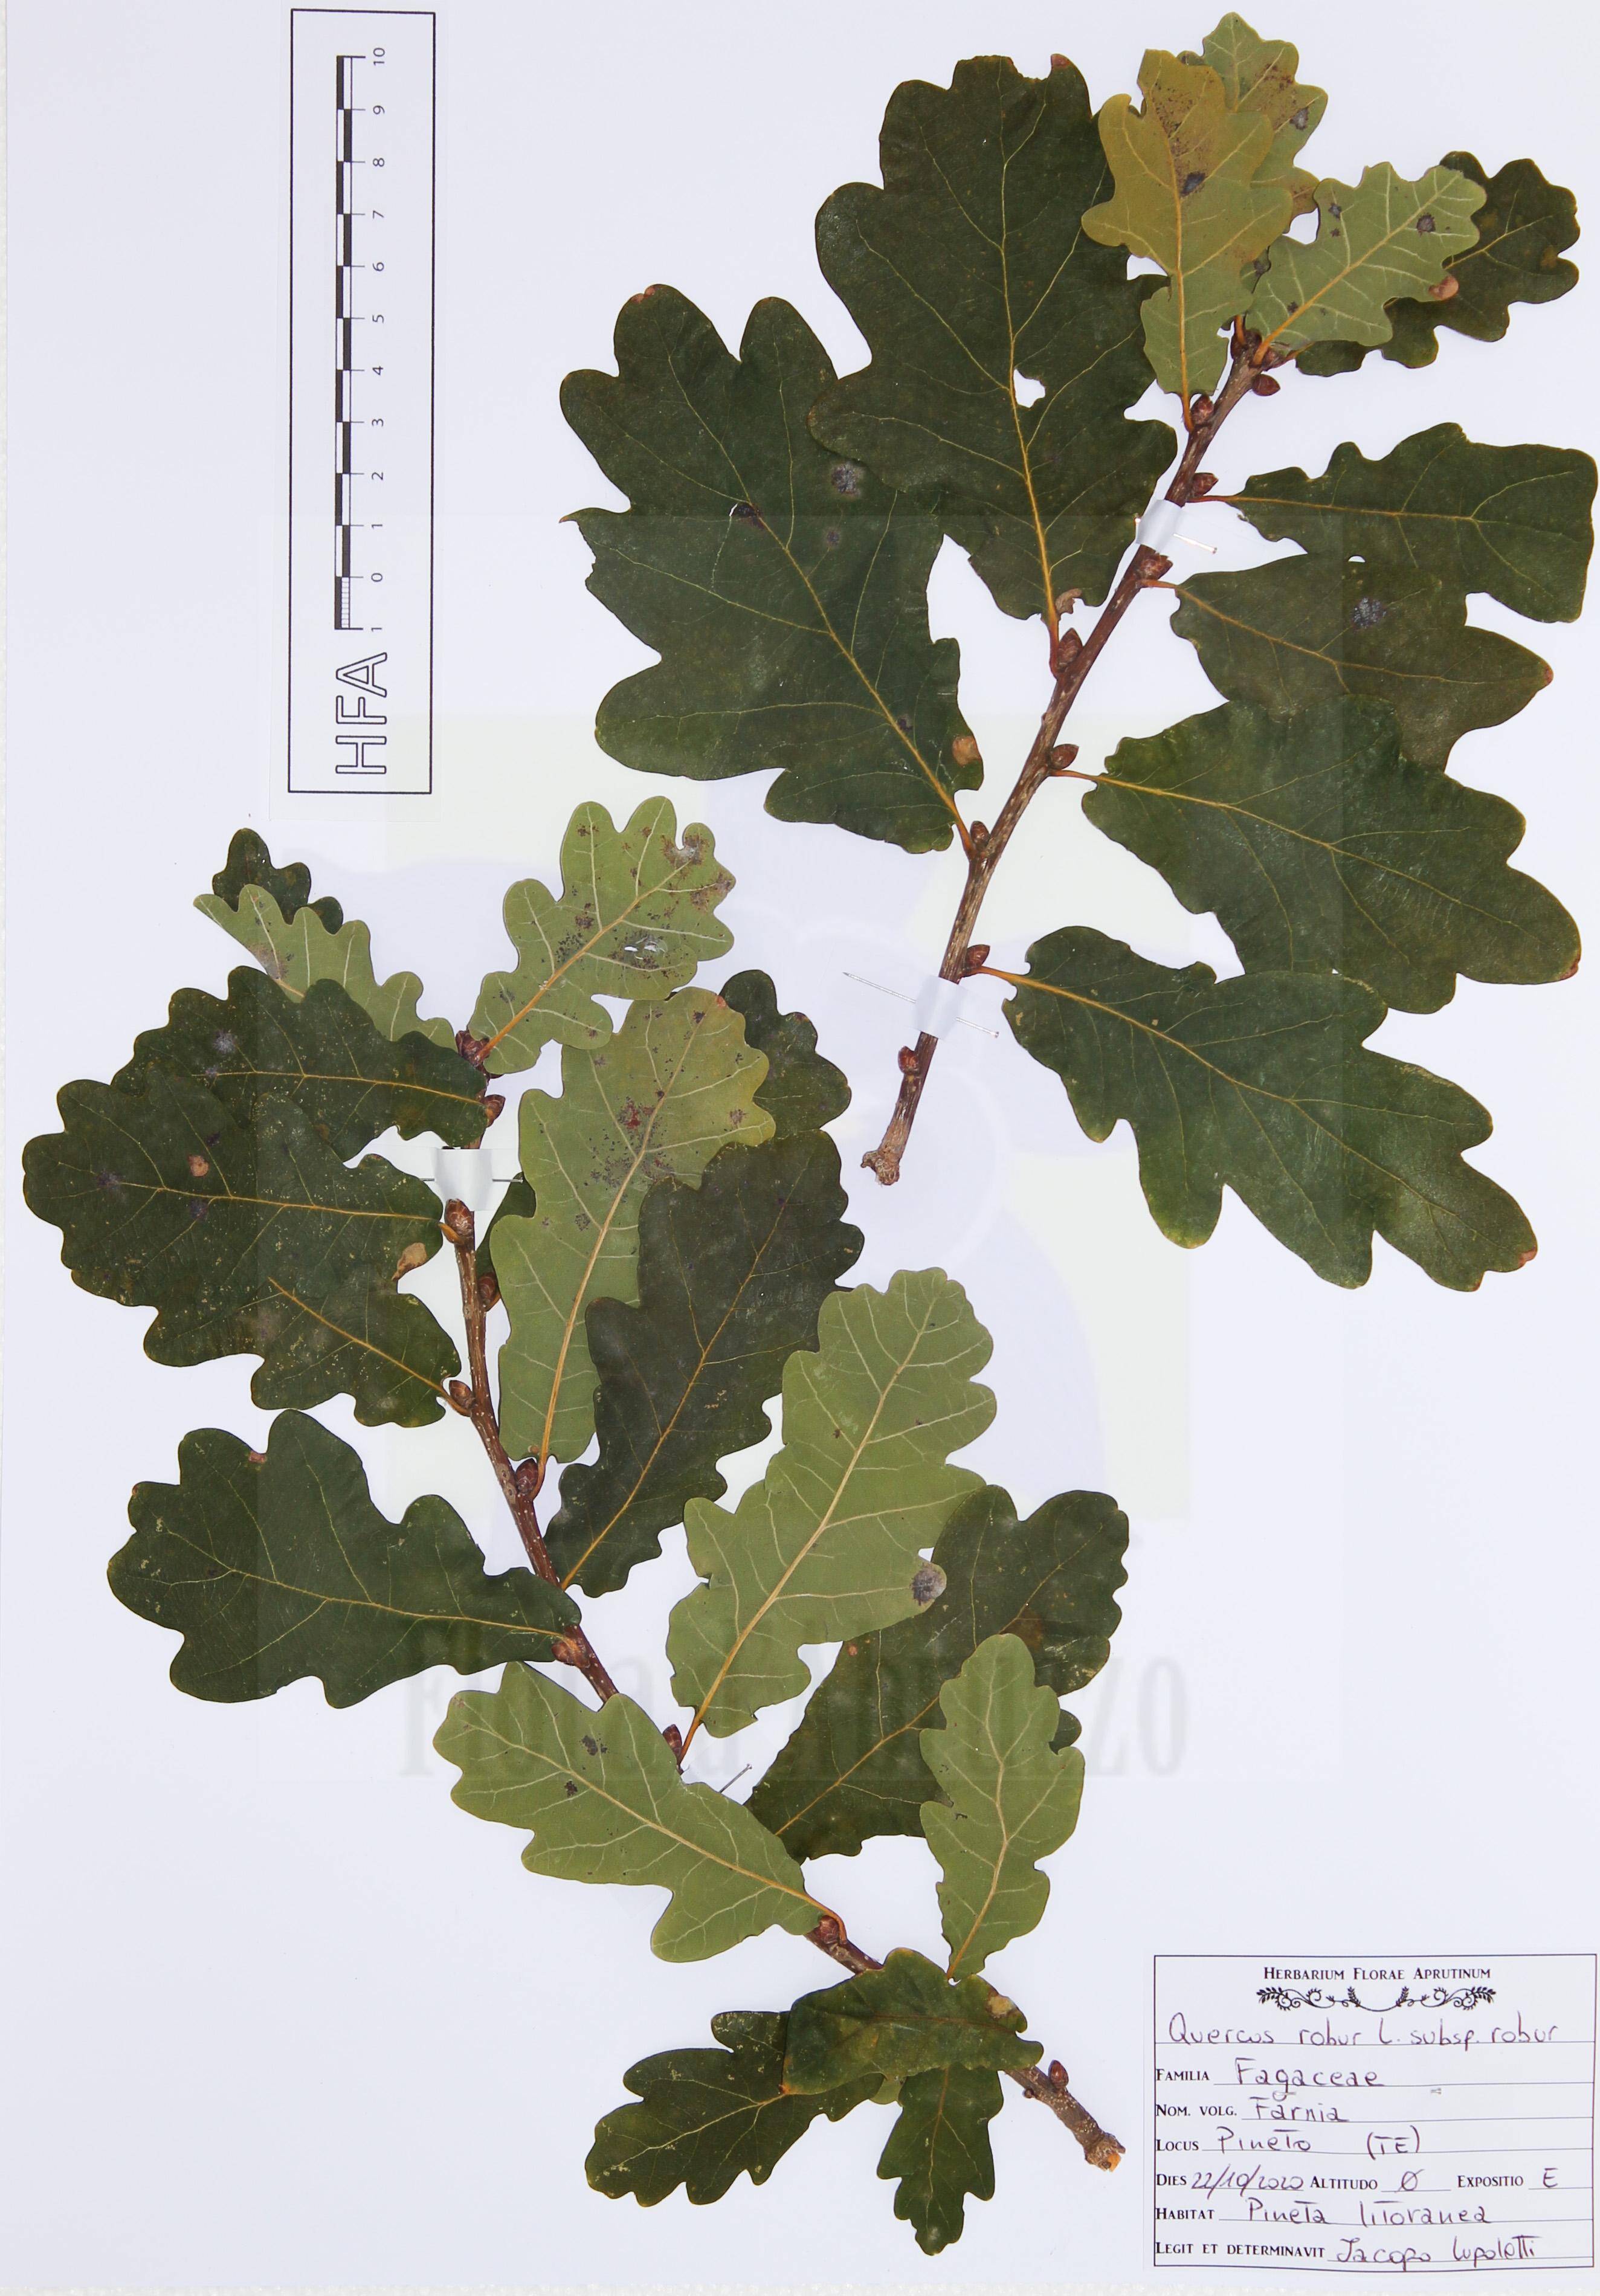 Quercus roburL. subsp.robur